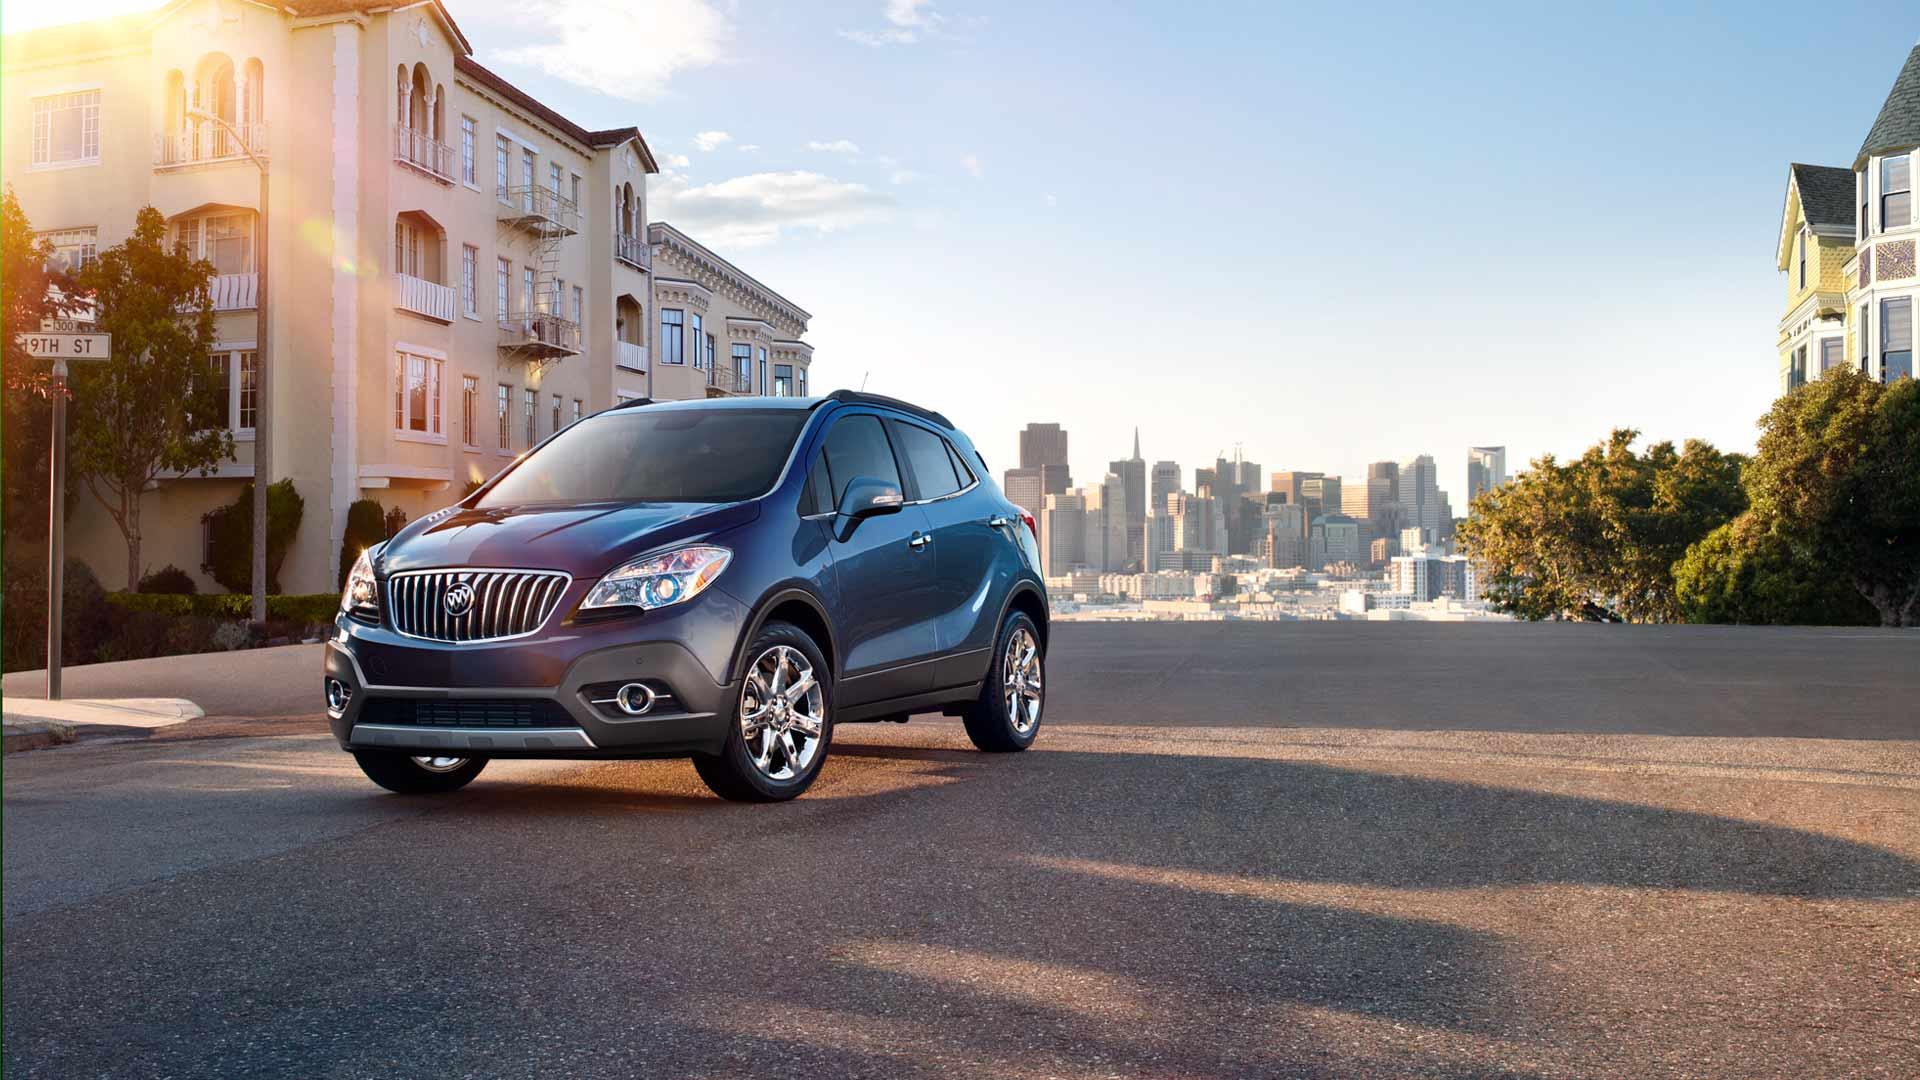 buick encore 2014 review buick encore 2014 blue buick encore 2014. Cars Review. Best American Auto & Cars Review